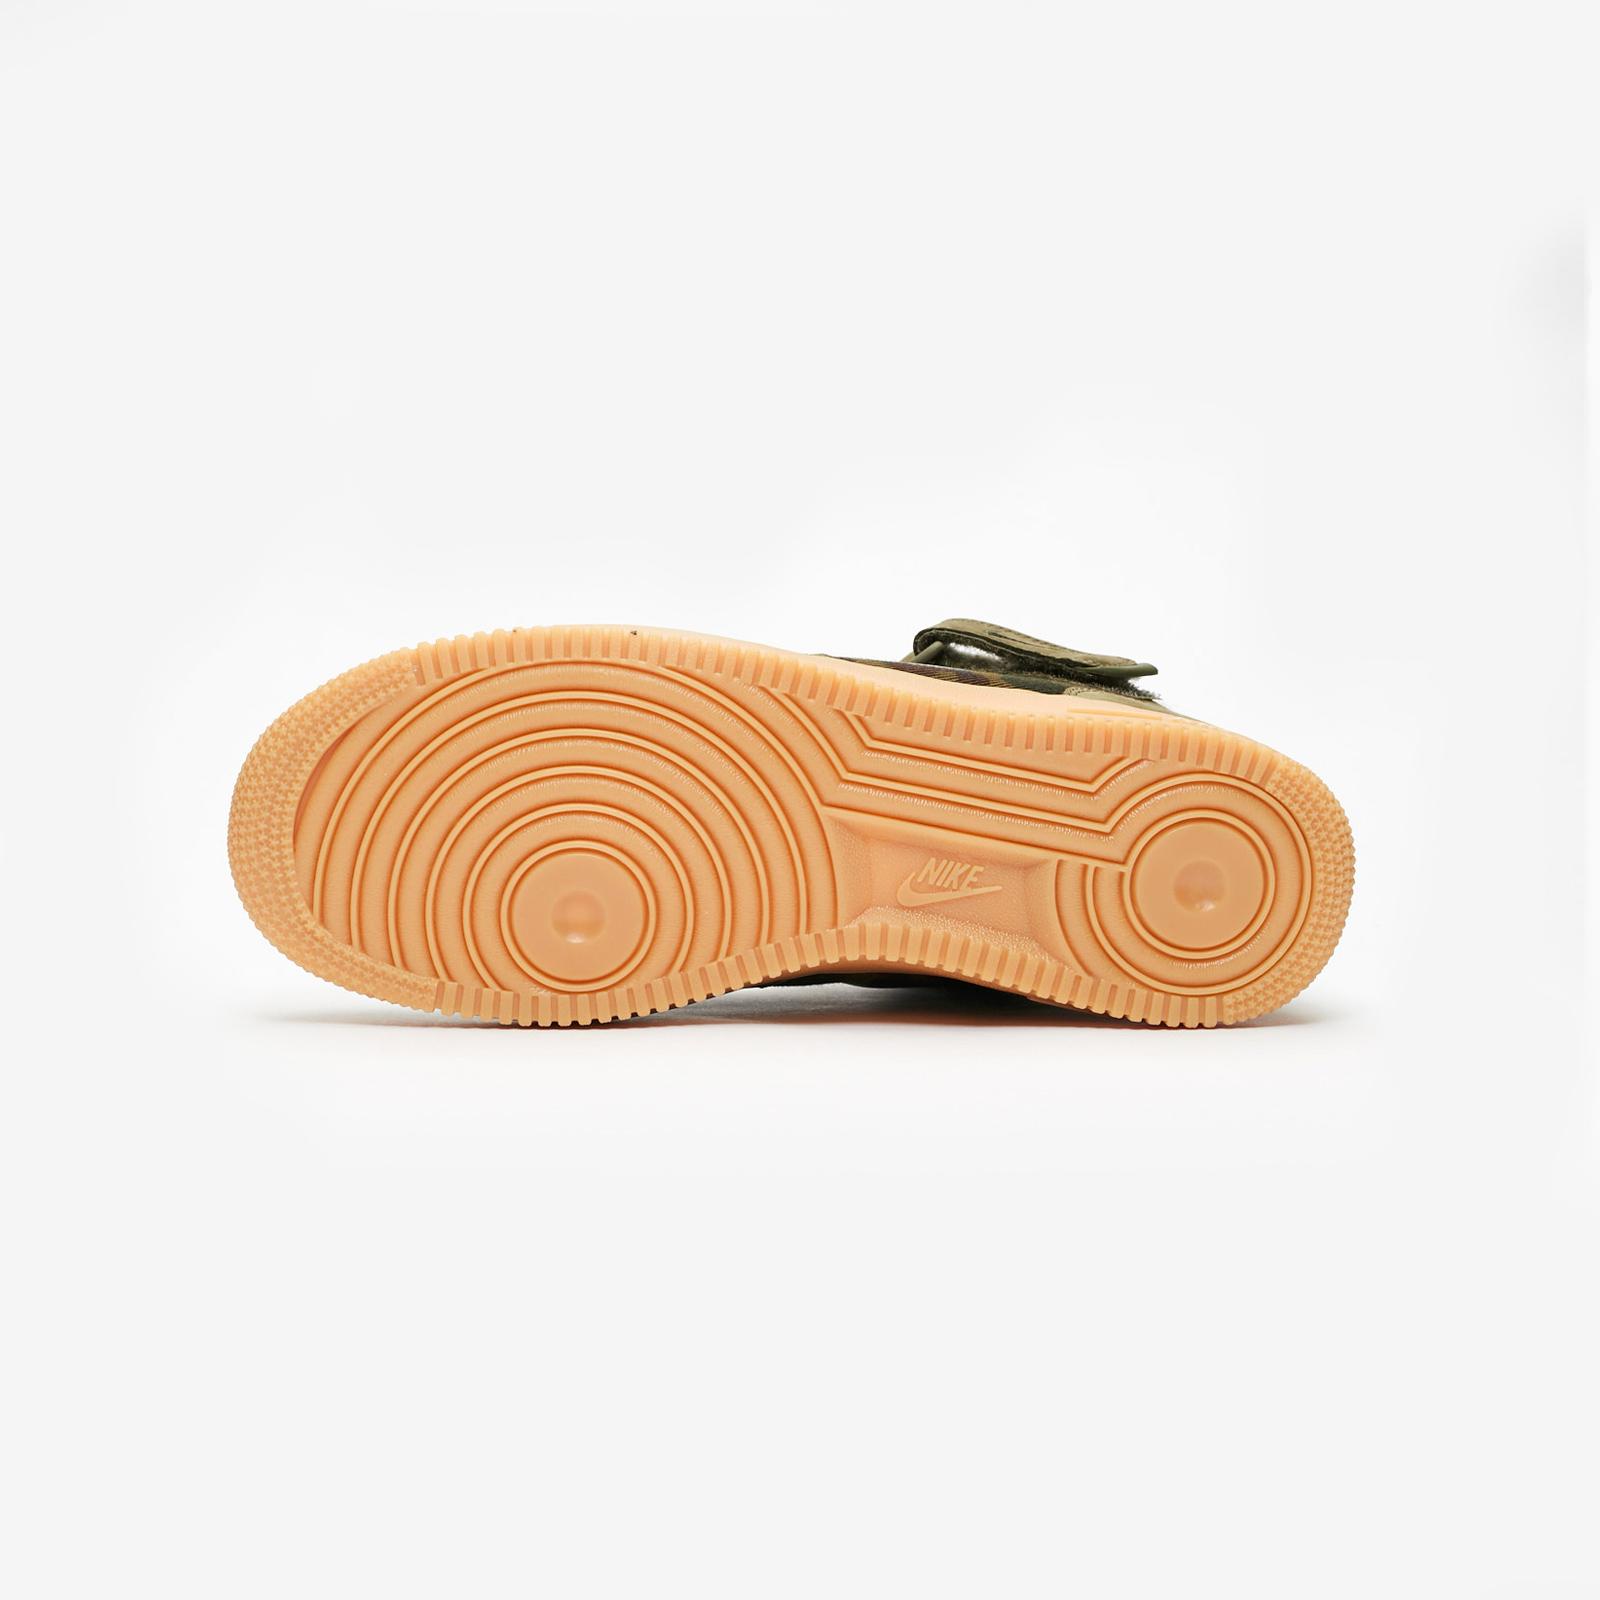 ff6753696ead7 Nike Air Force 1 Jewel Mid - Av2586-200 - Sneakersnstuff | sneakers ...